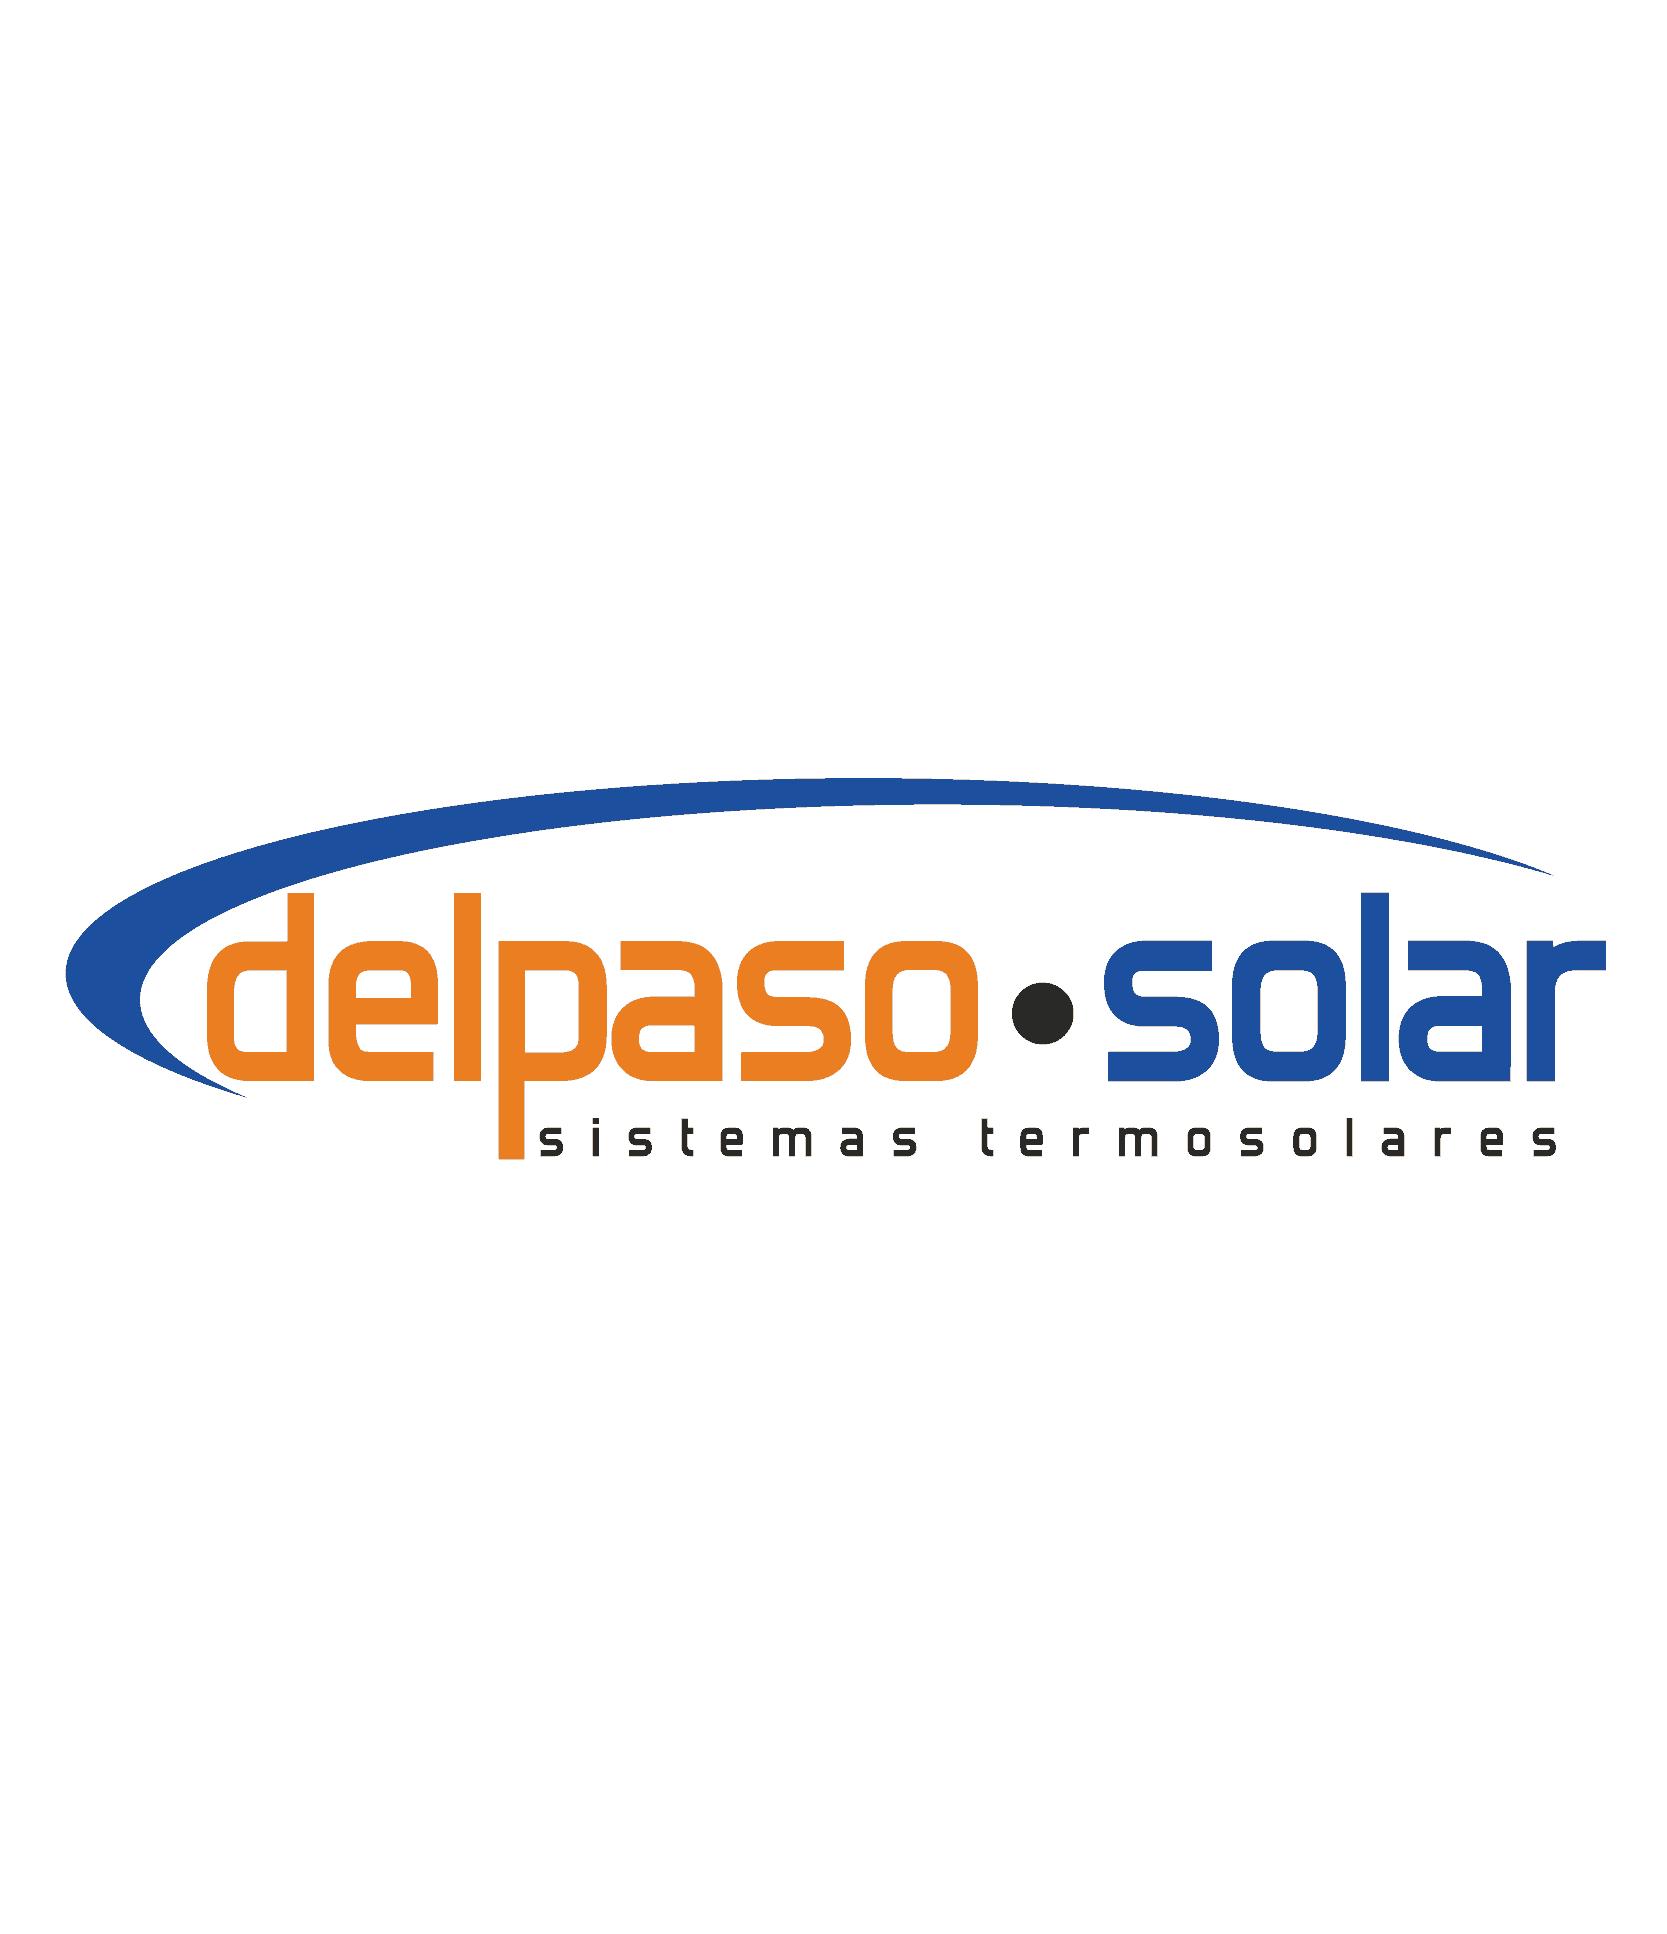 DELPASO SOLAR S.L.